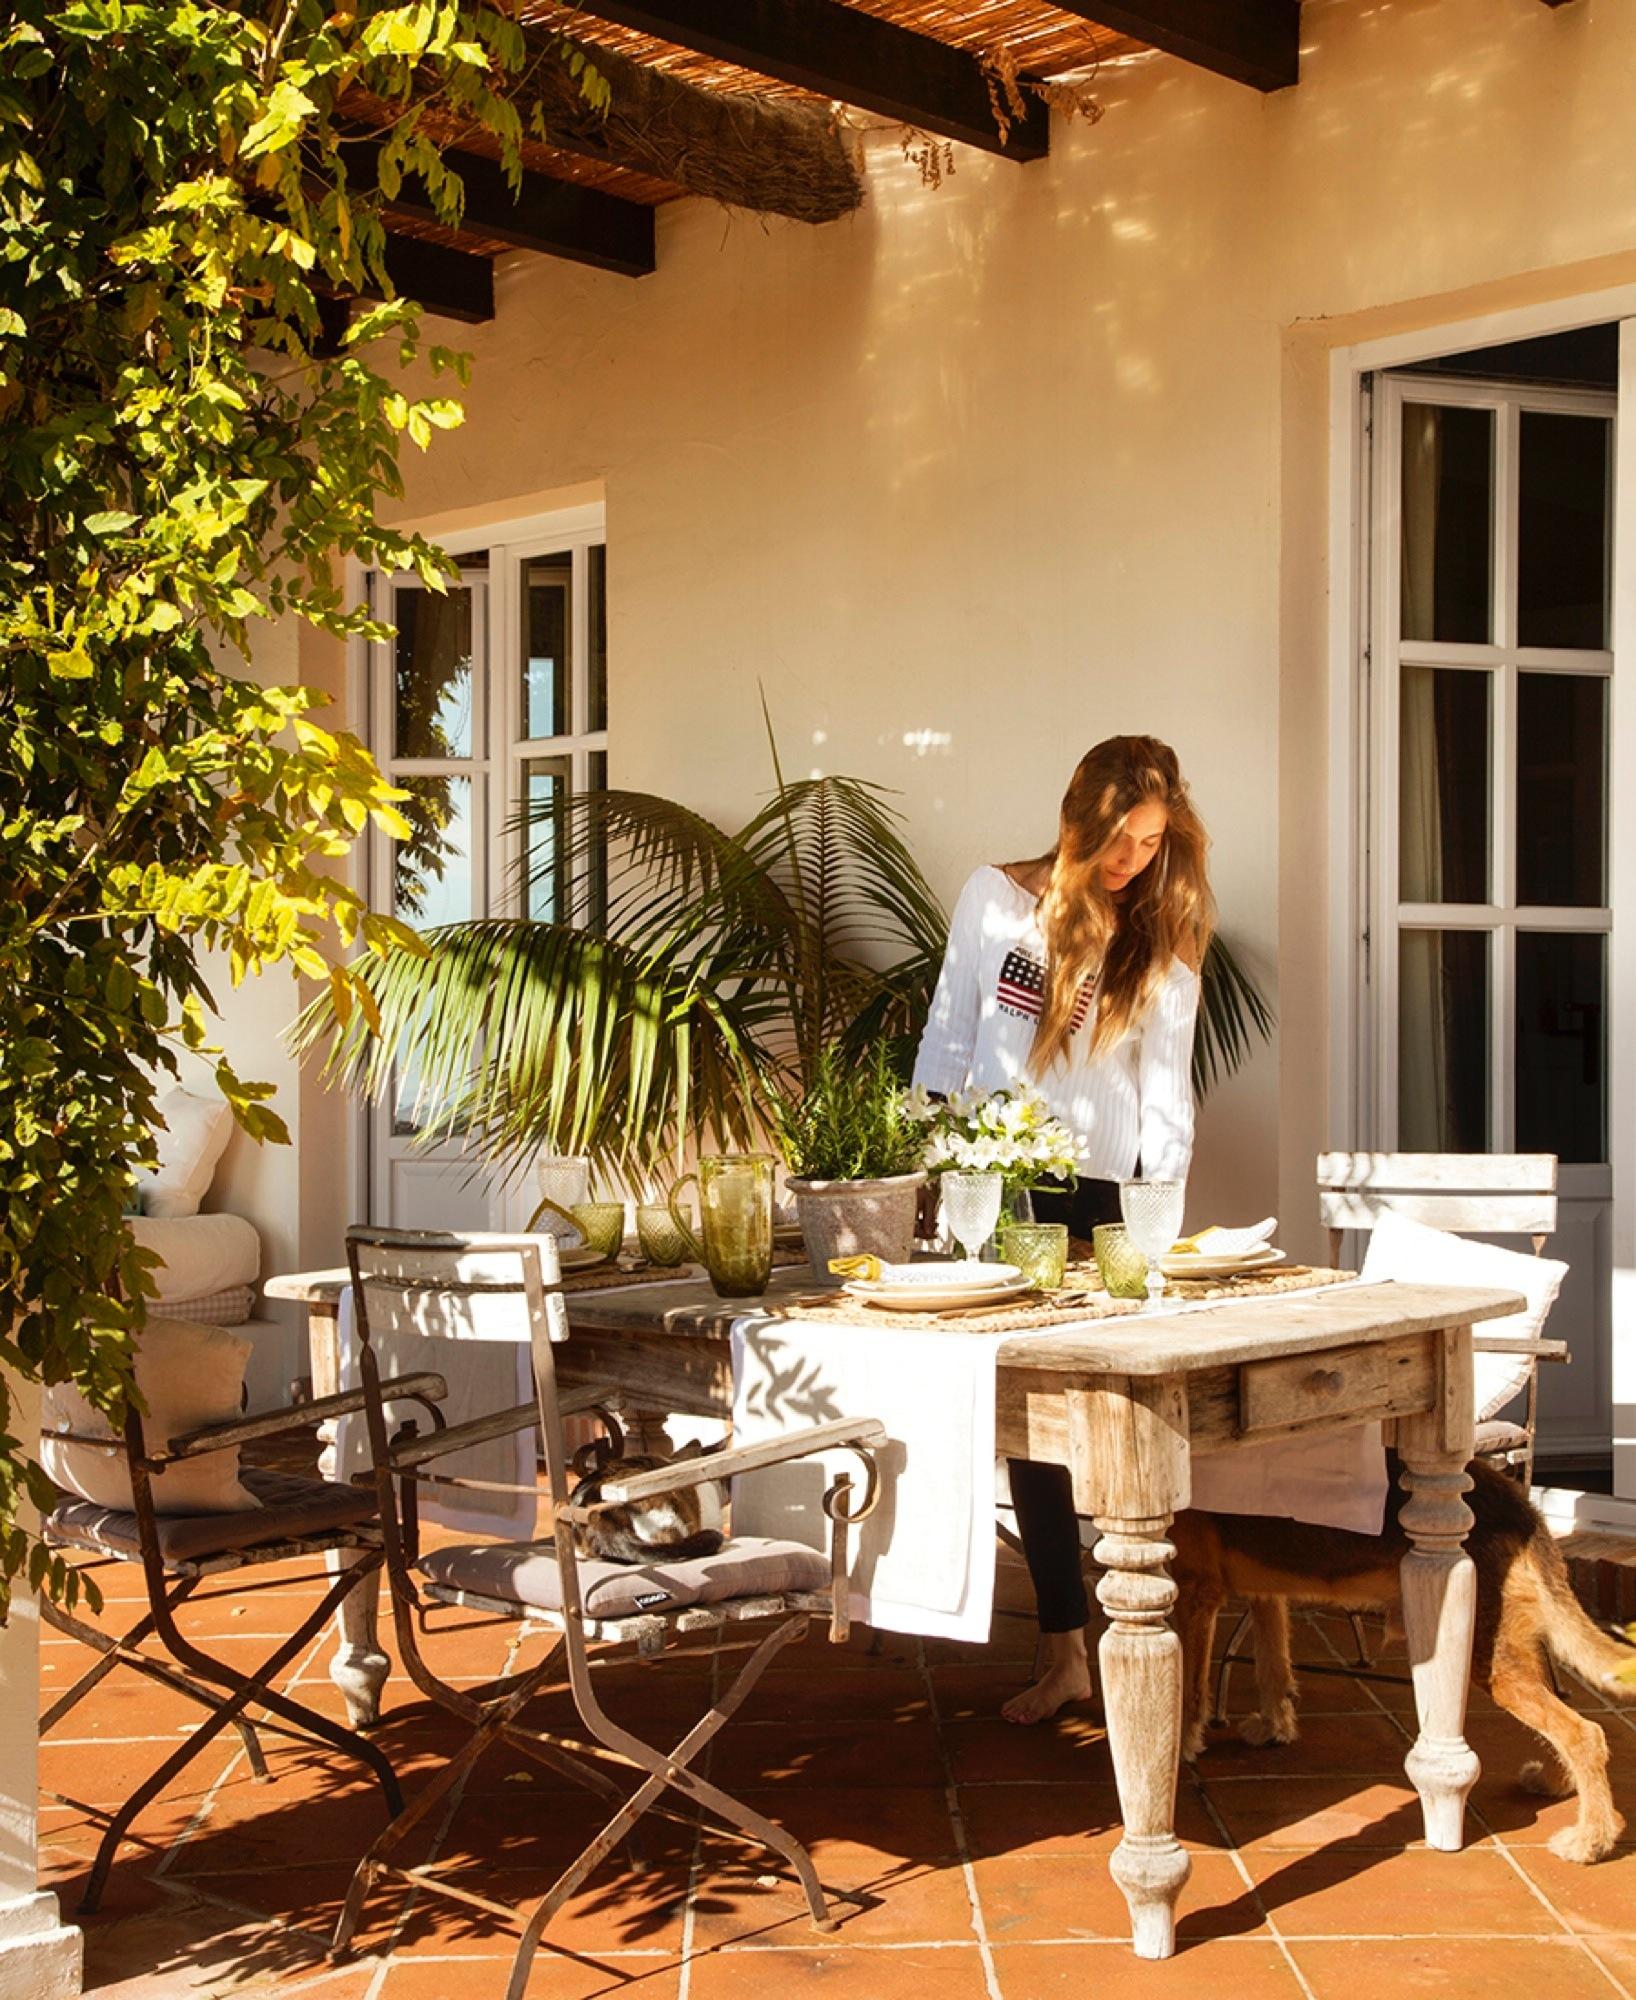 Un cortijo moderno en marbella - Diana morales inmobiliaria ...